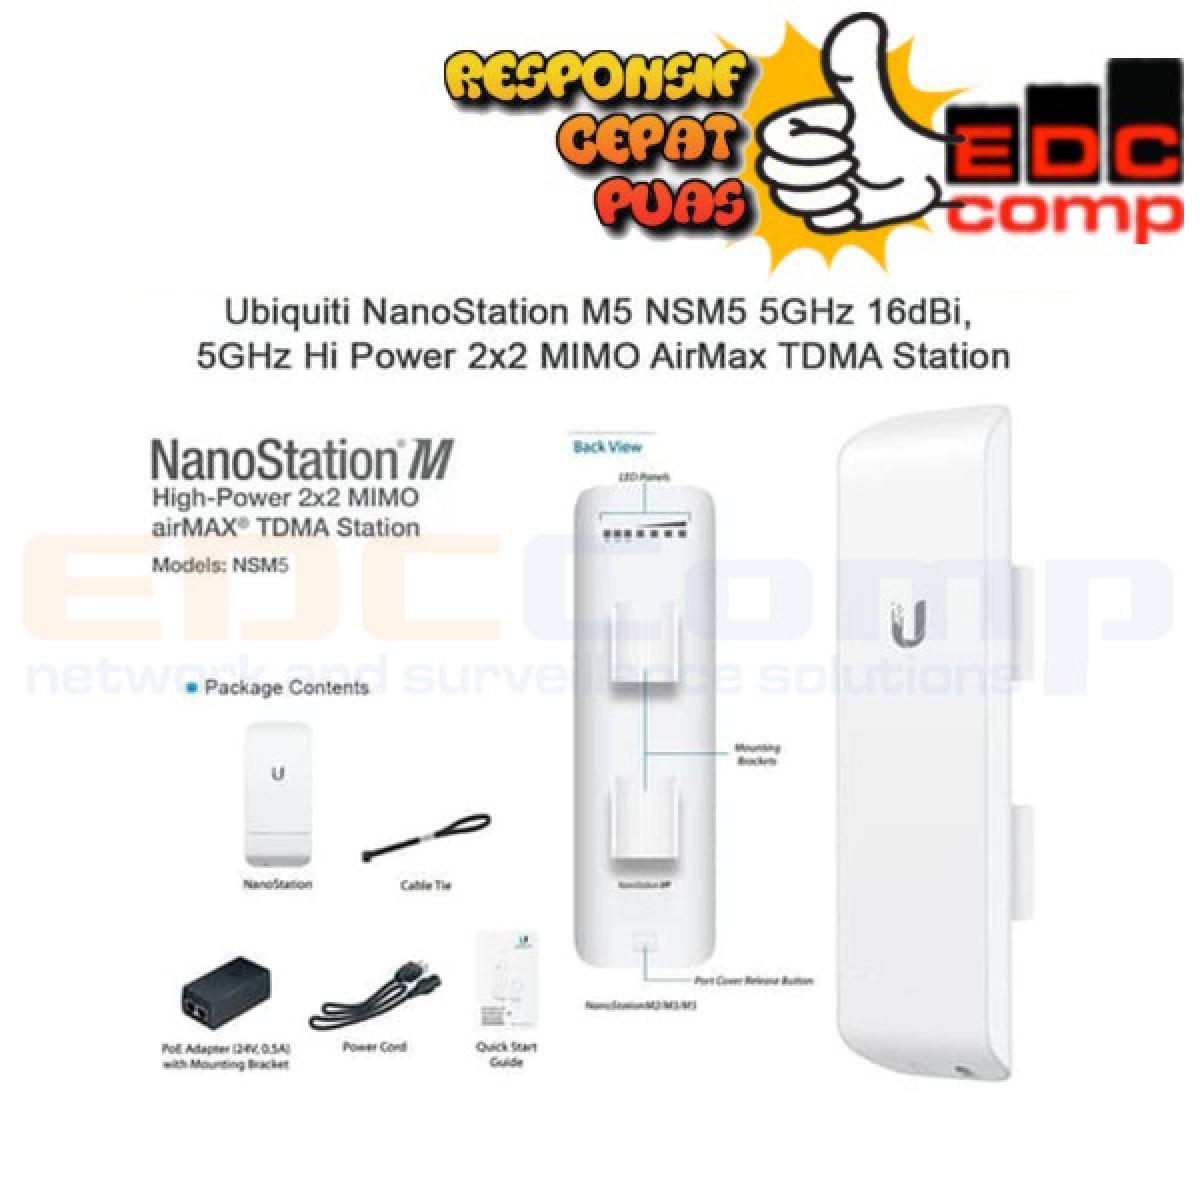 Ubiquiti Nanostation M5 5GHz NSM5 NS-M5 Nano Station M5 - EdcComp